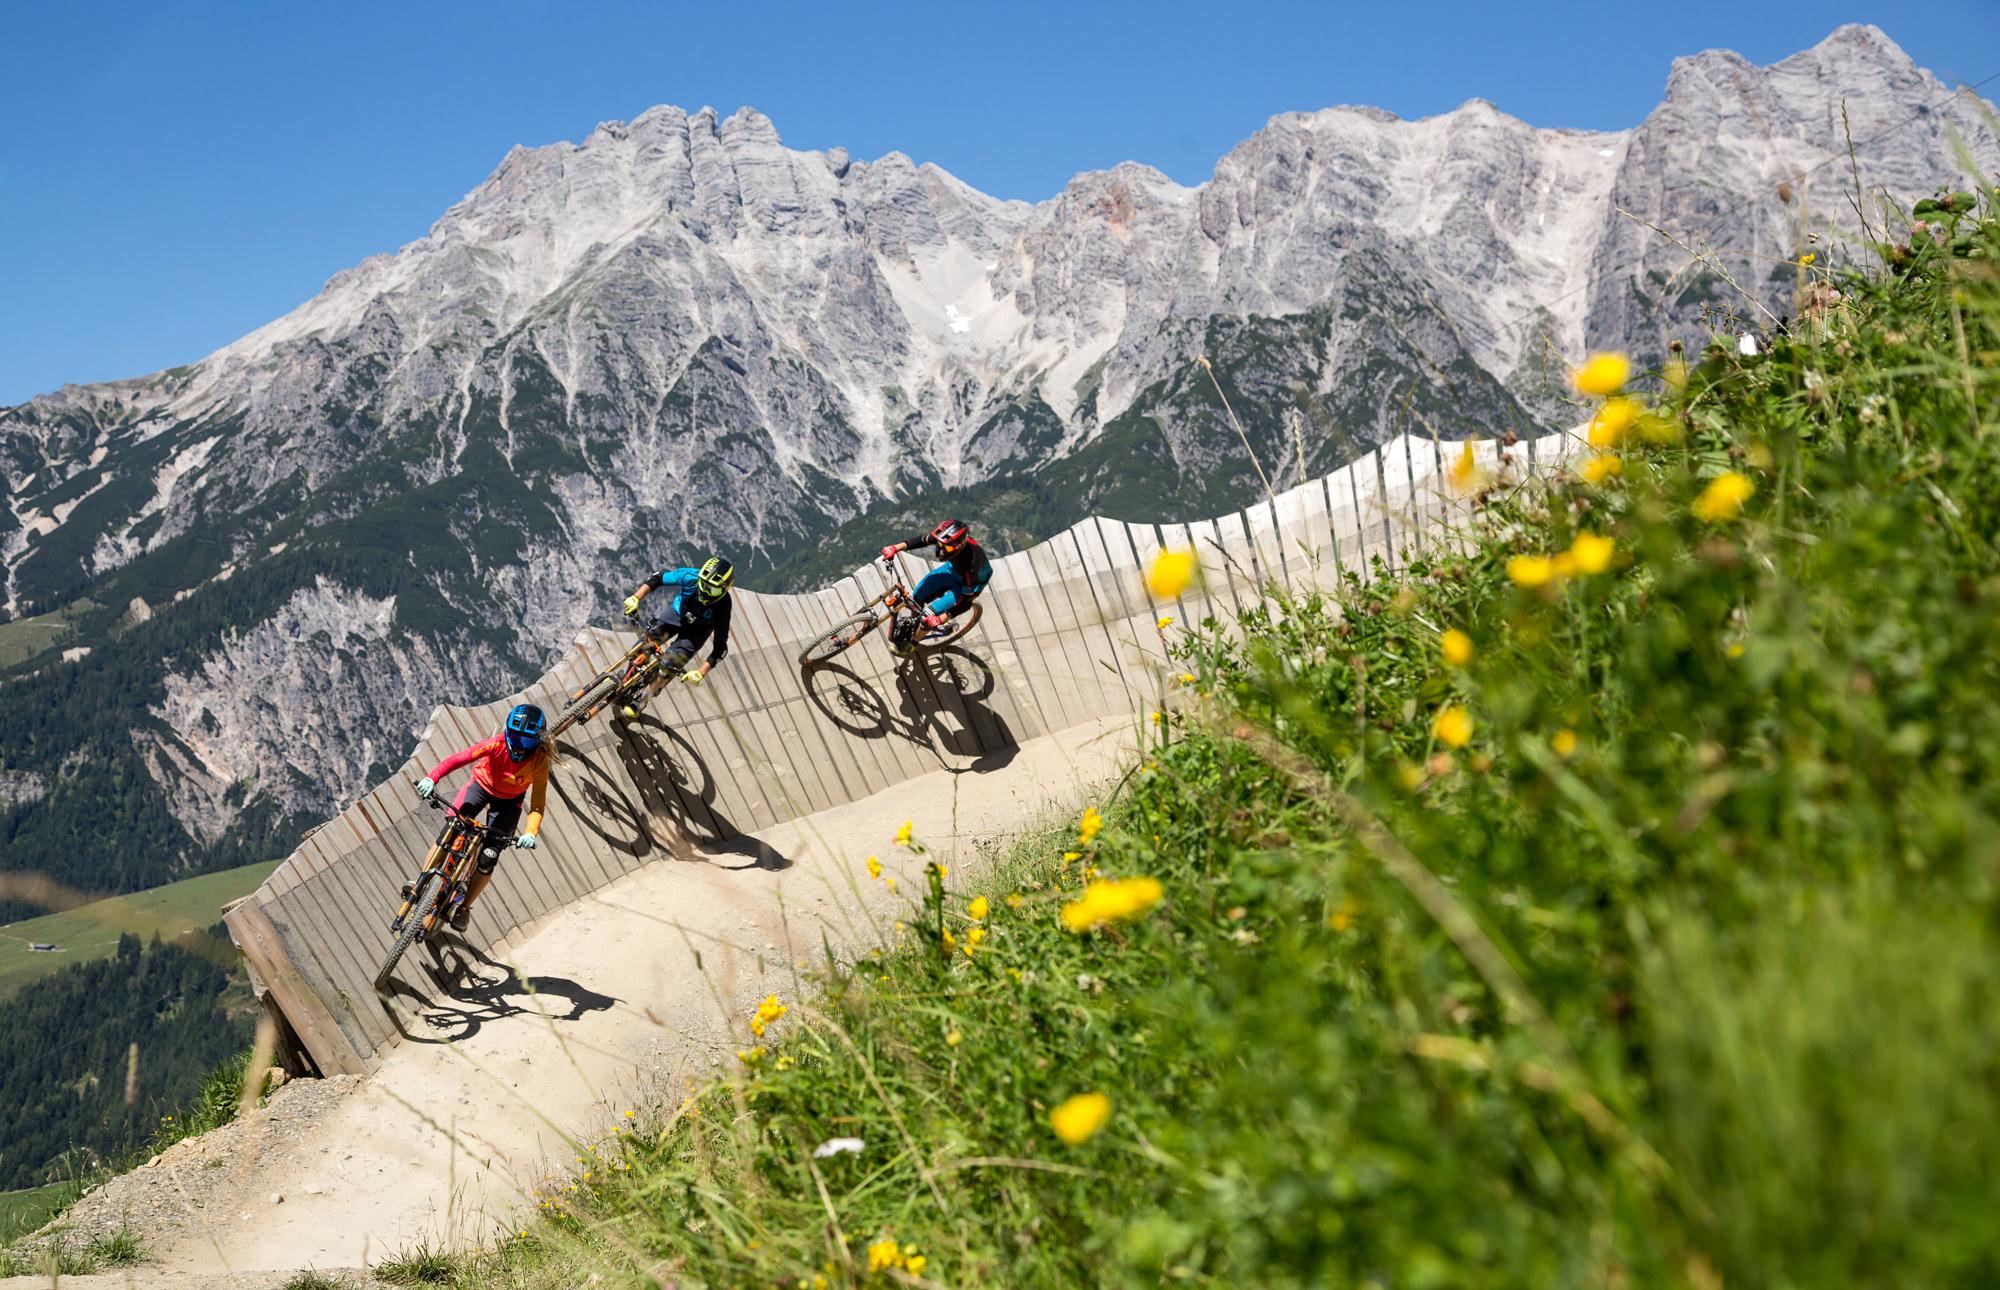 Bike parky a traily » SalzburgerLand.com